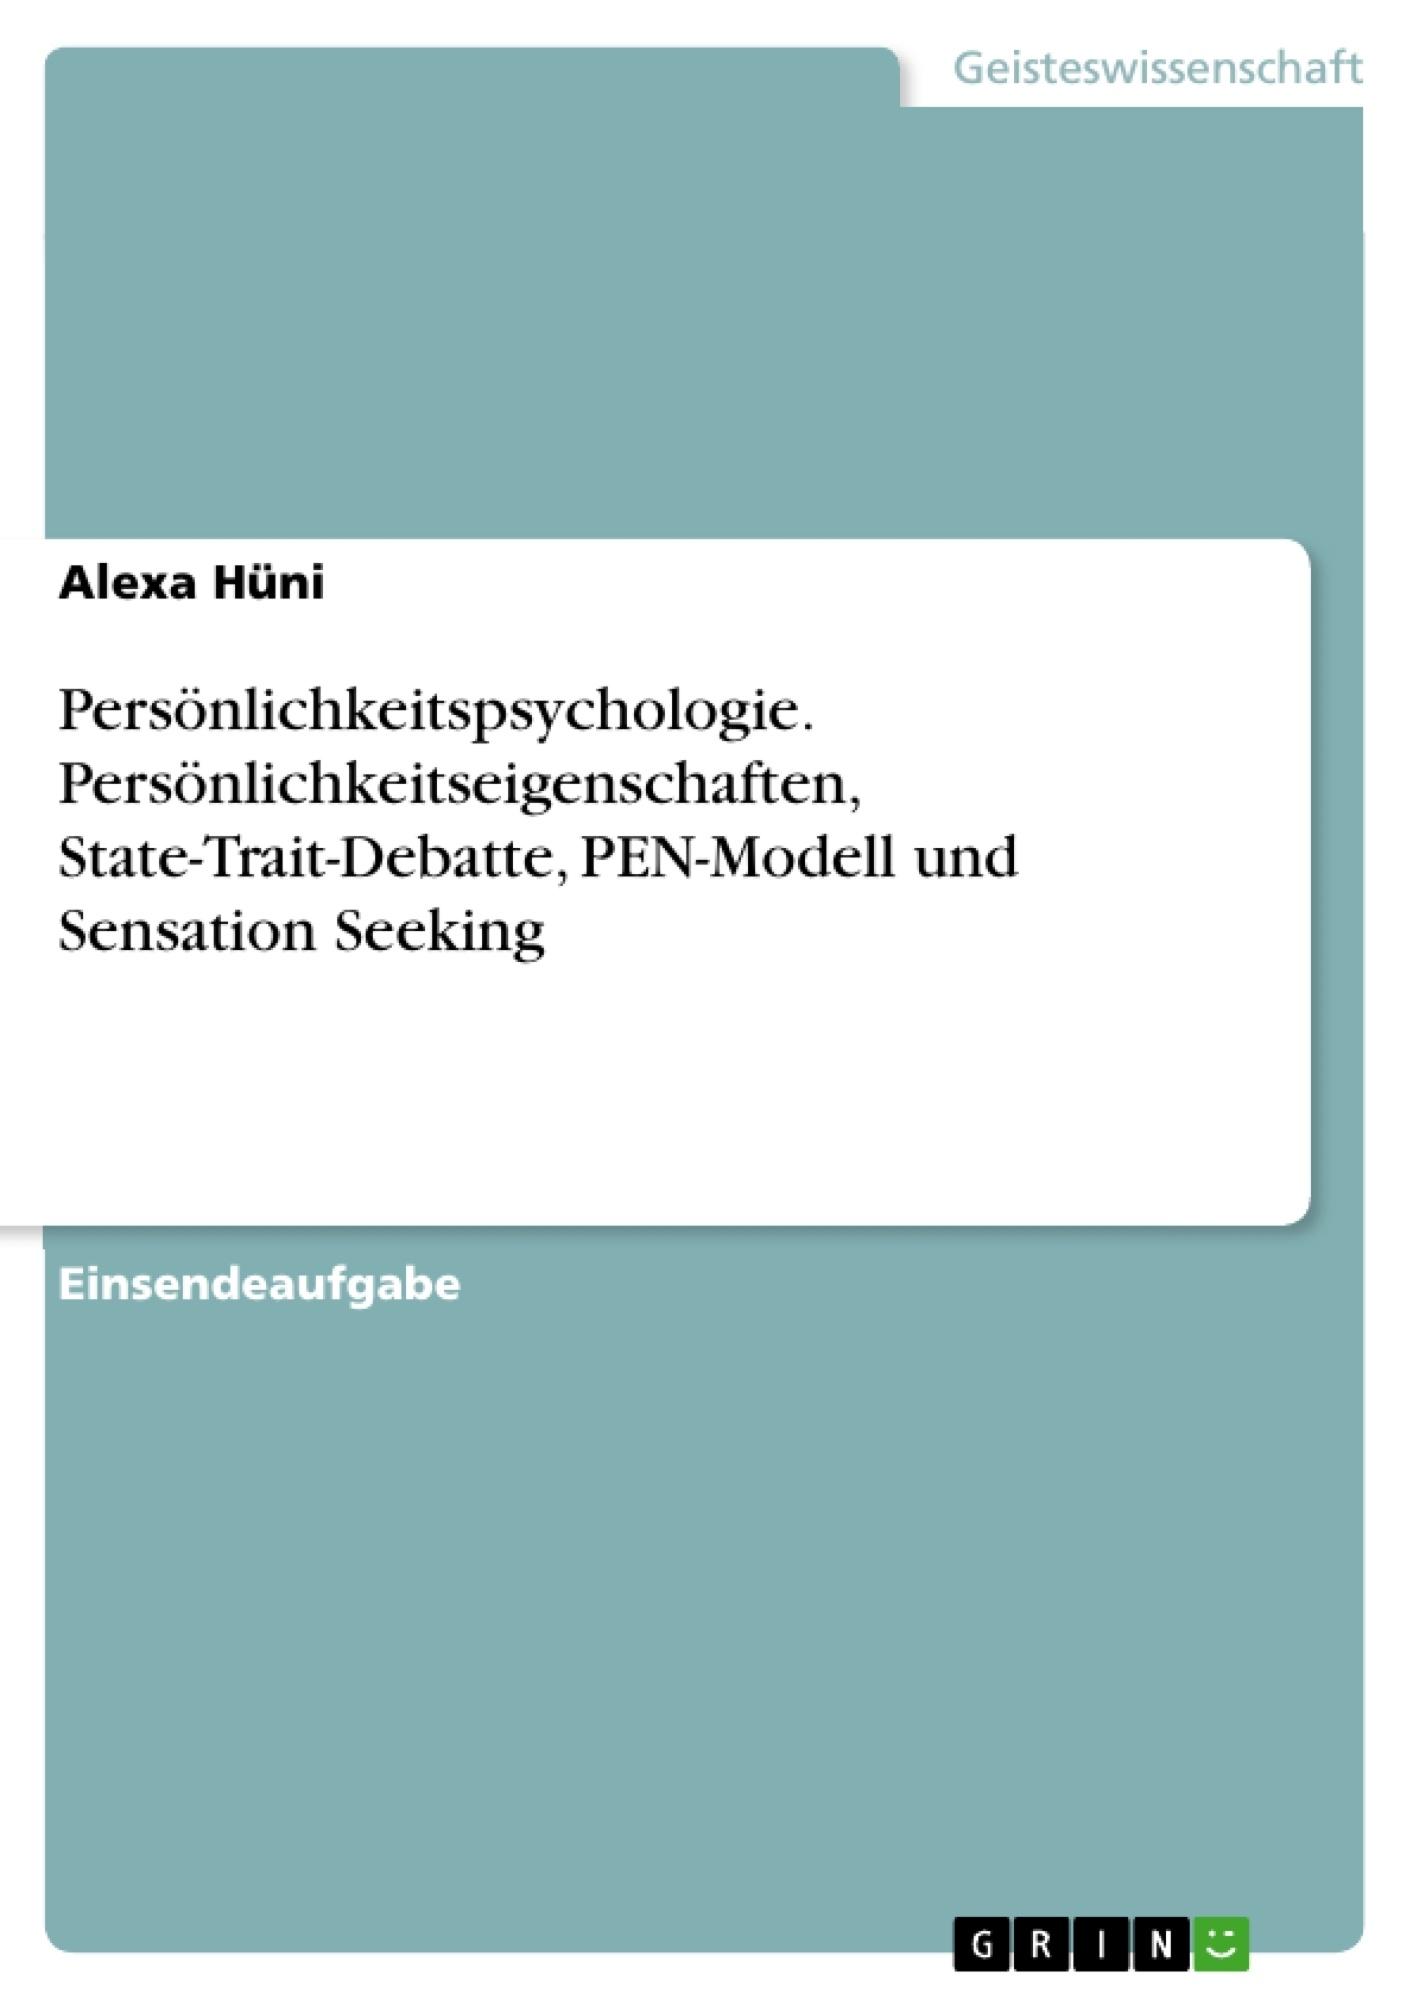 Titel: Persönlichkeitspsychologie. Persönlichkeitseigenschaften, State-Trait-Debatte, PEN-Modell und Sensation Seeking